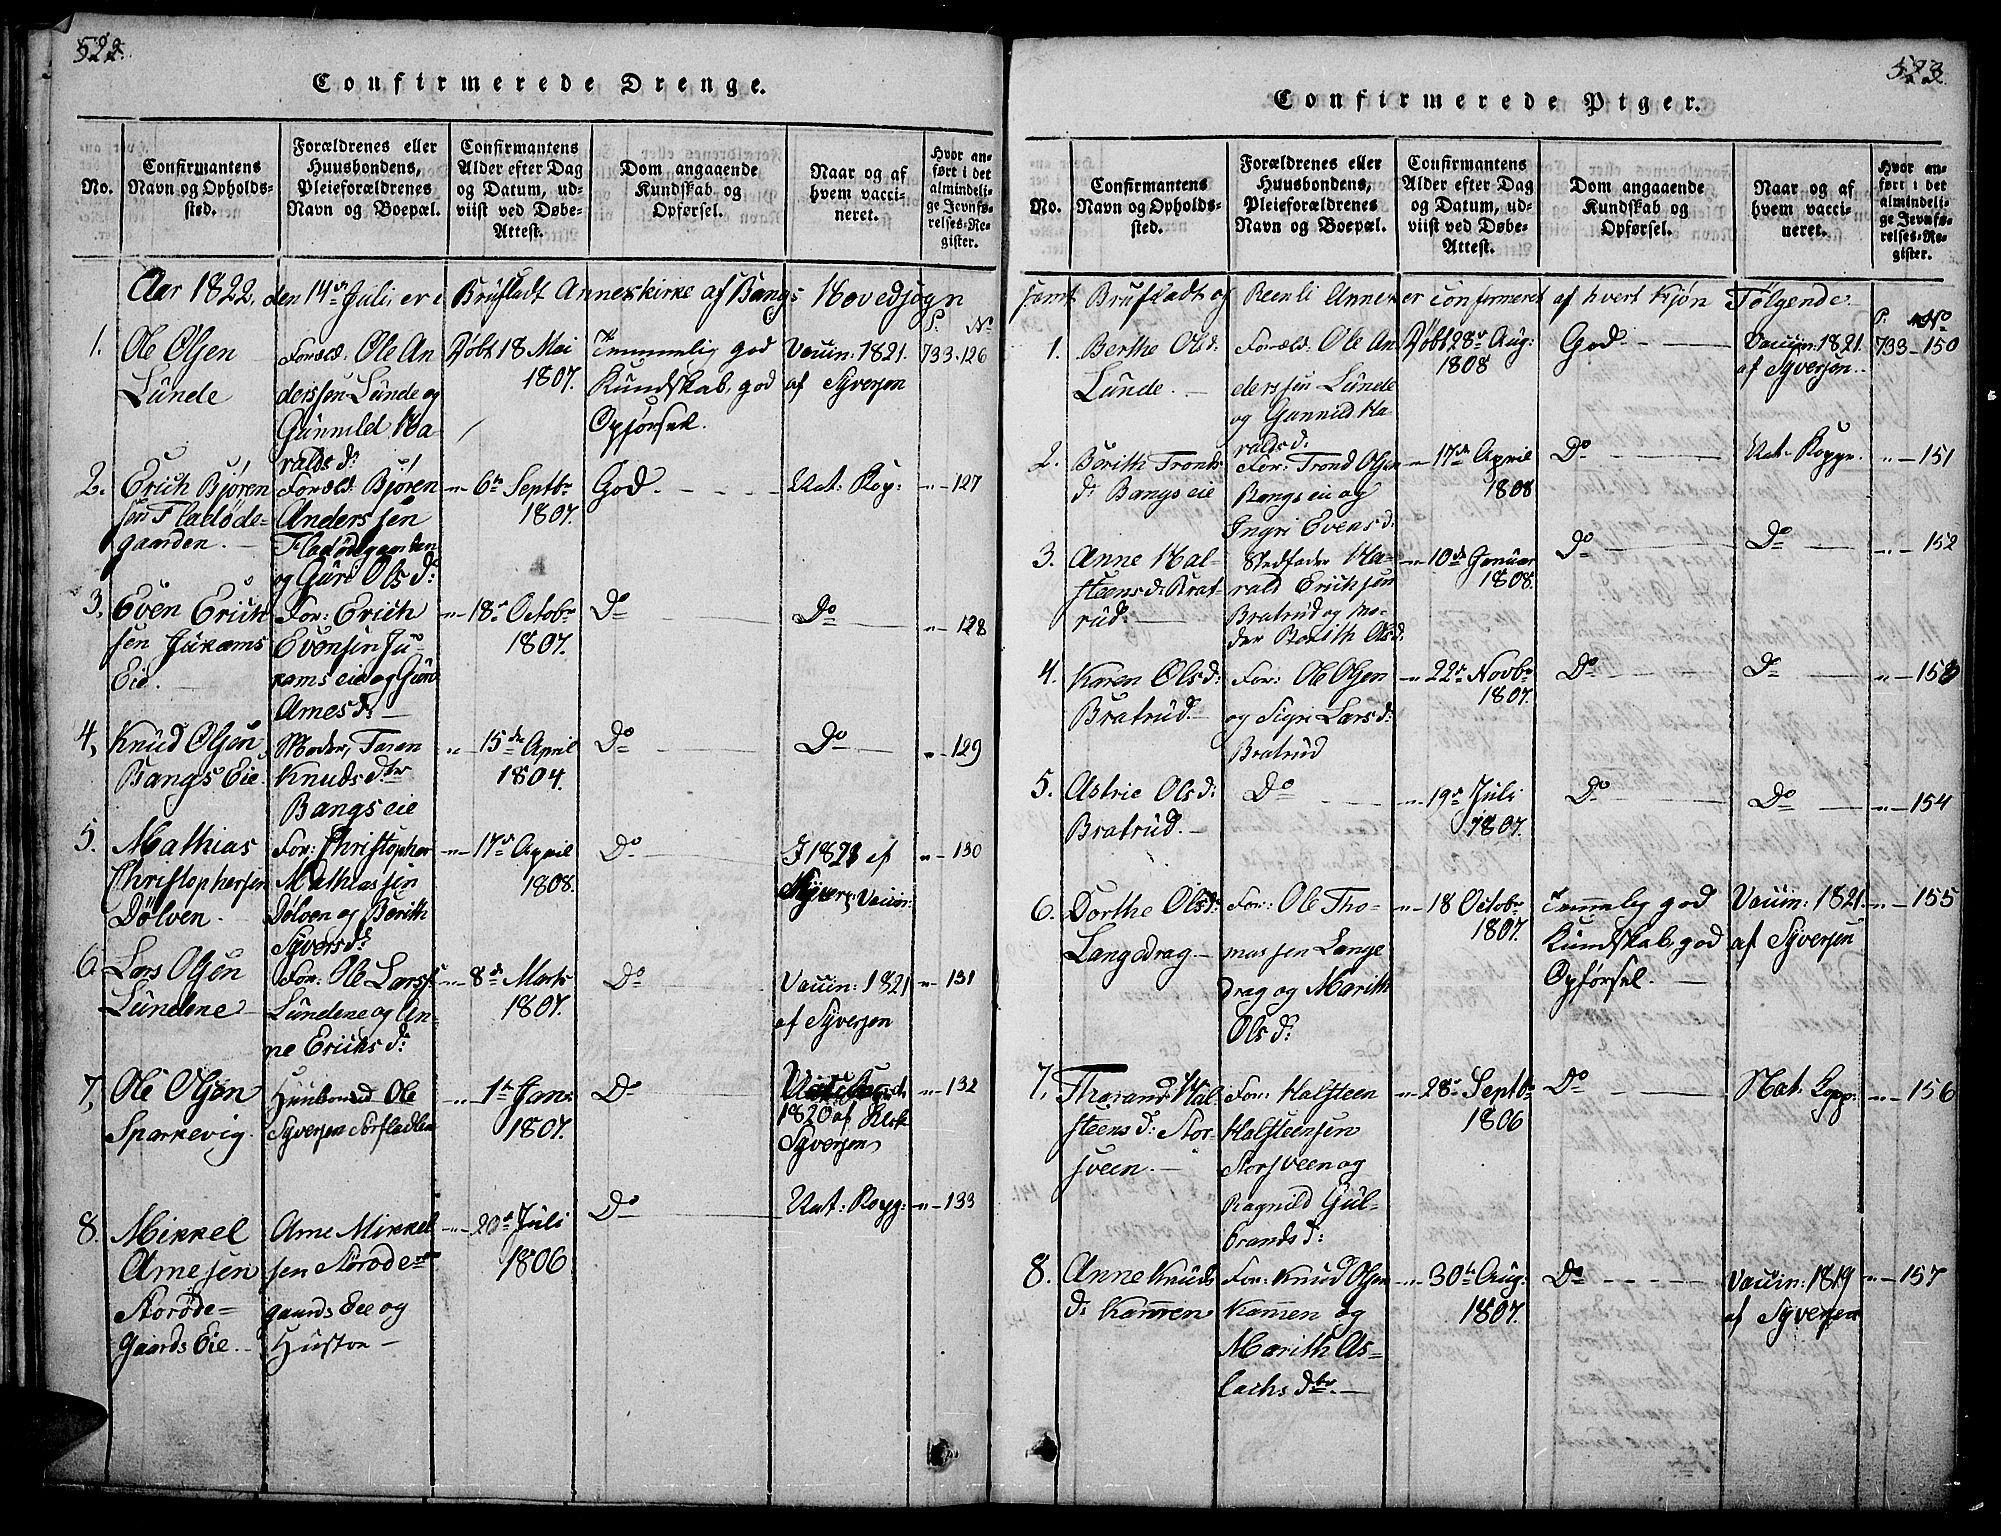 SAH, Sør-Aurdal prestekontor, Klokkerbok nr. 1, 1815-1826, s. 522-523